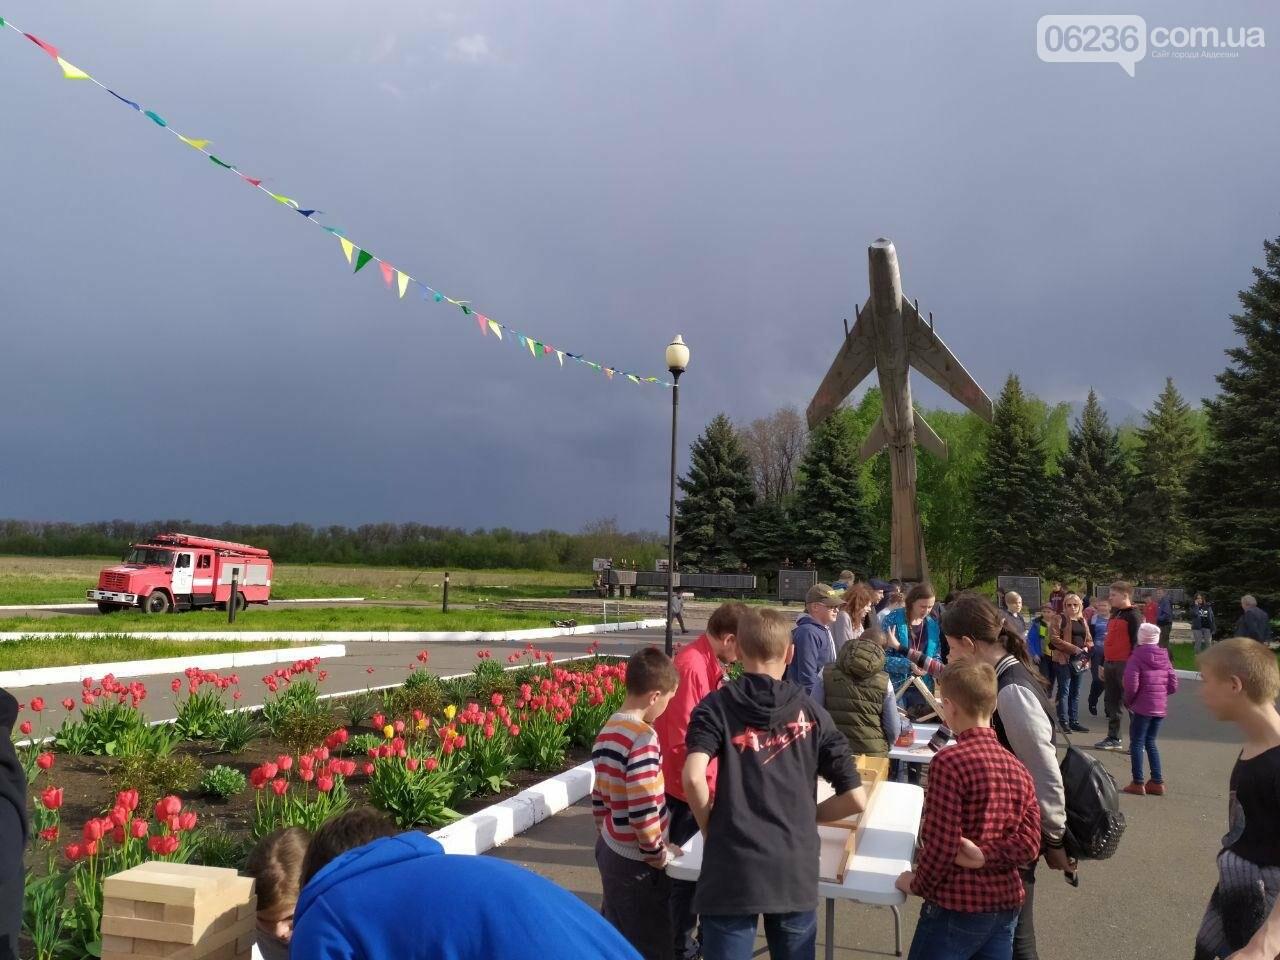 ФОТОРЕПОРТАЖ. Яркие моменты фестиваля искусств в Авдеевке, фото-30